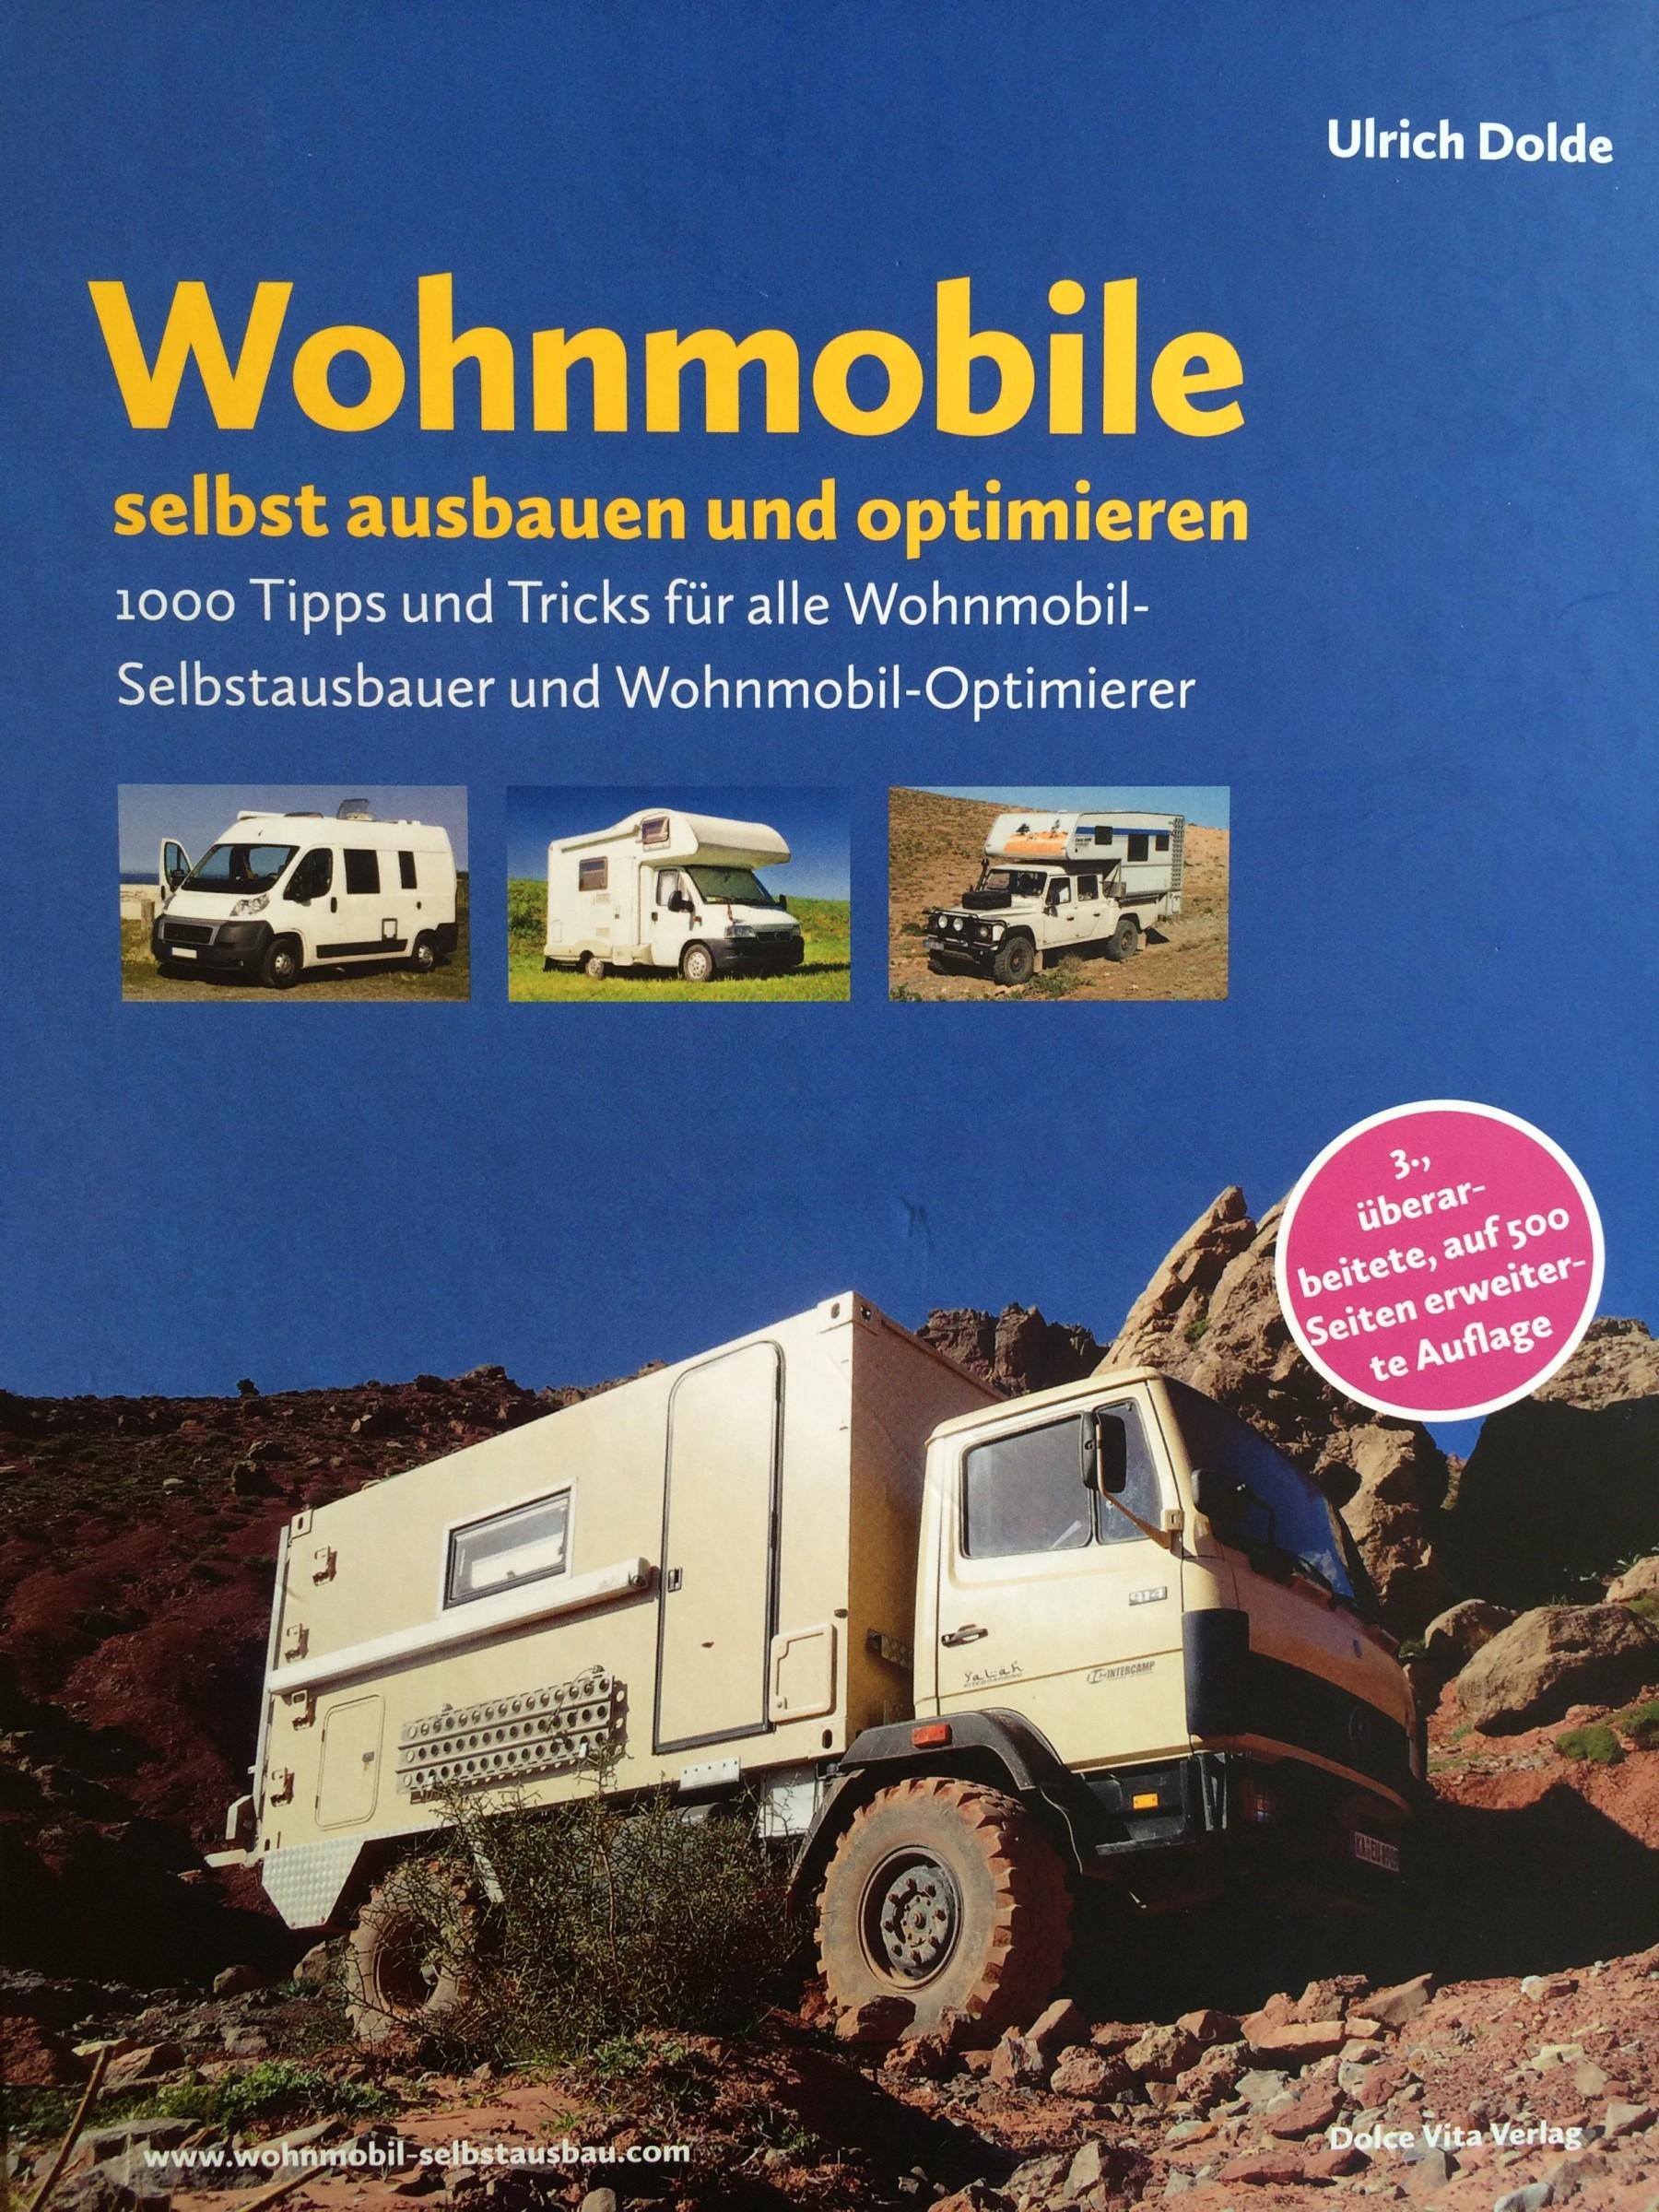 Dolde - Wohnmobil-Ausbau